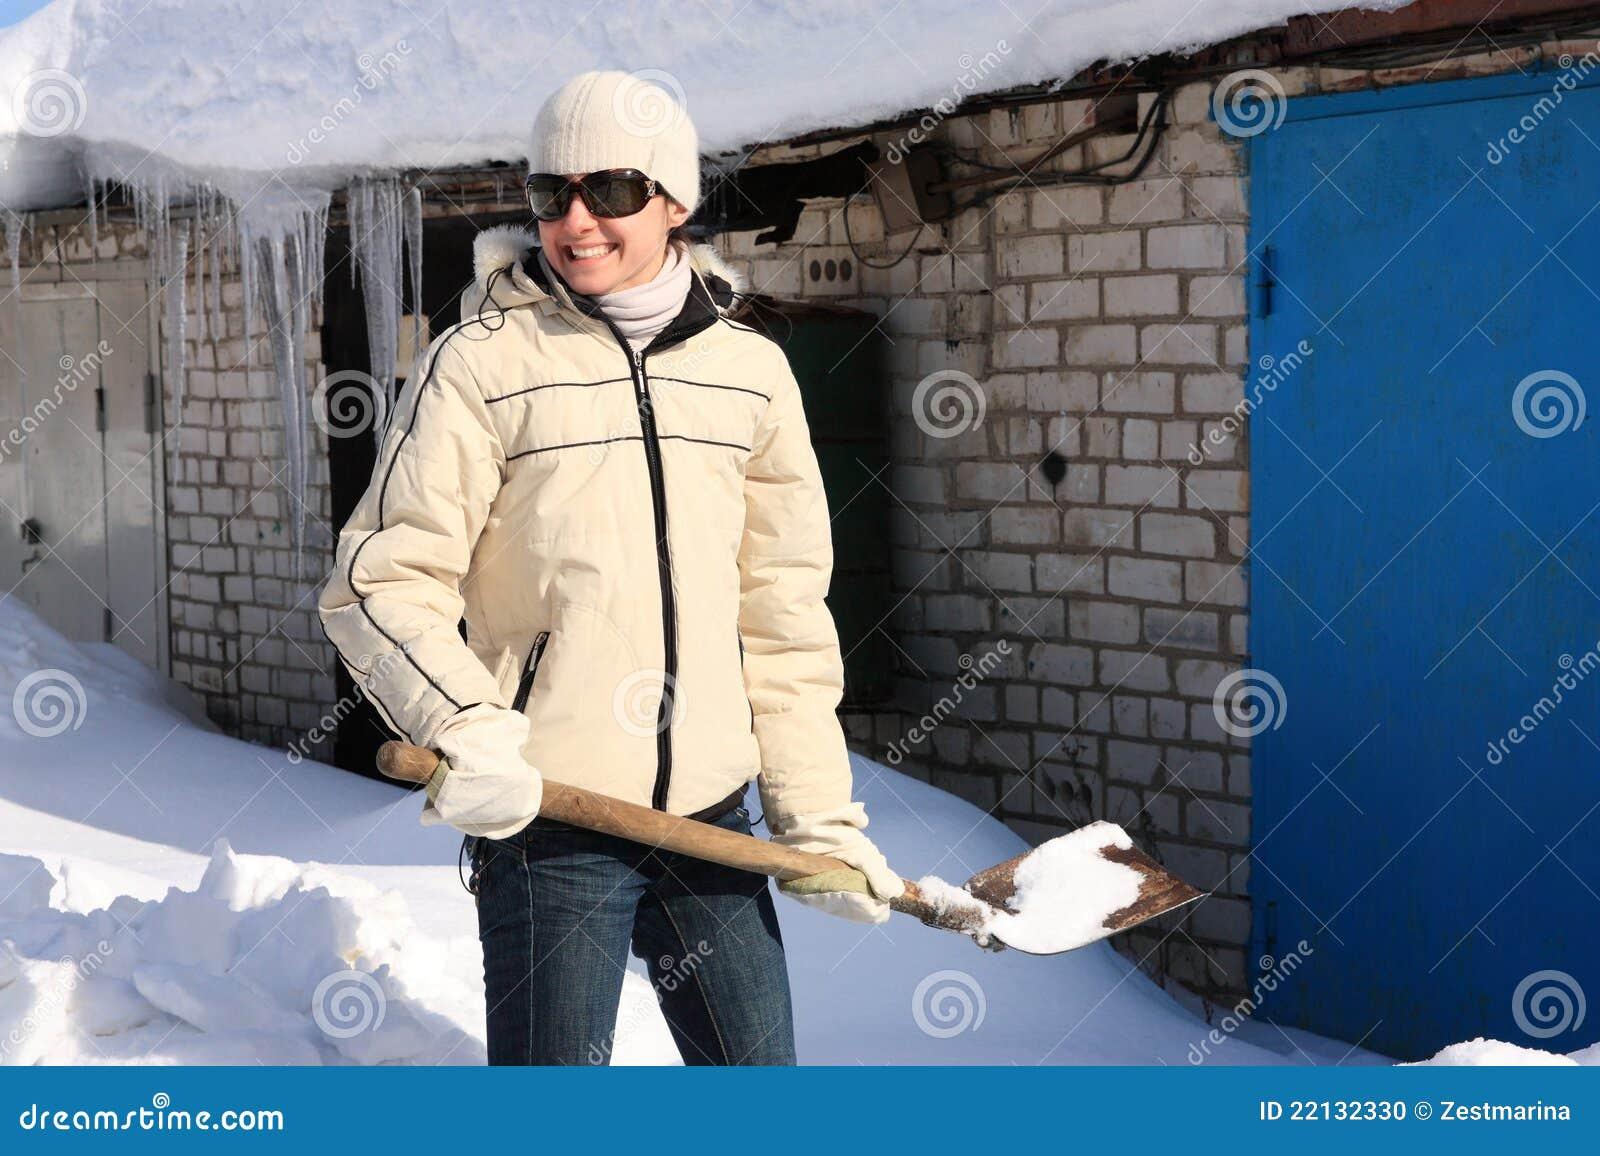 Remoção de neve